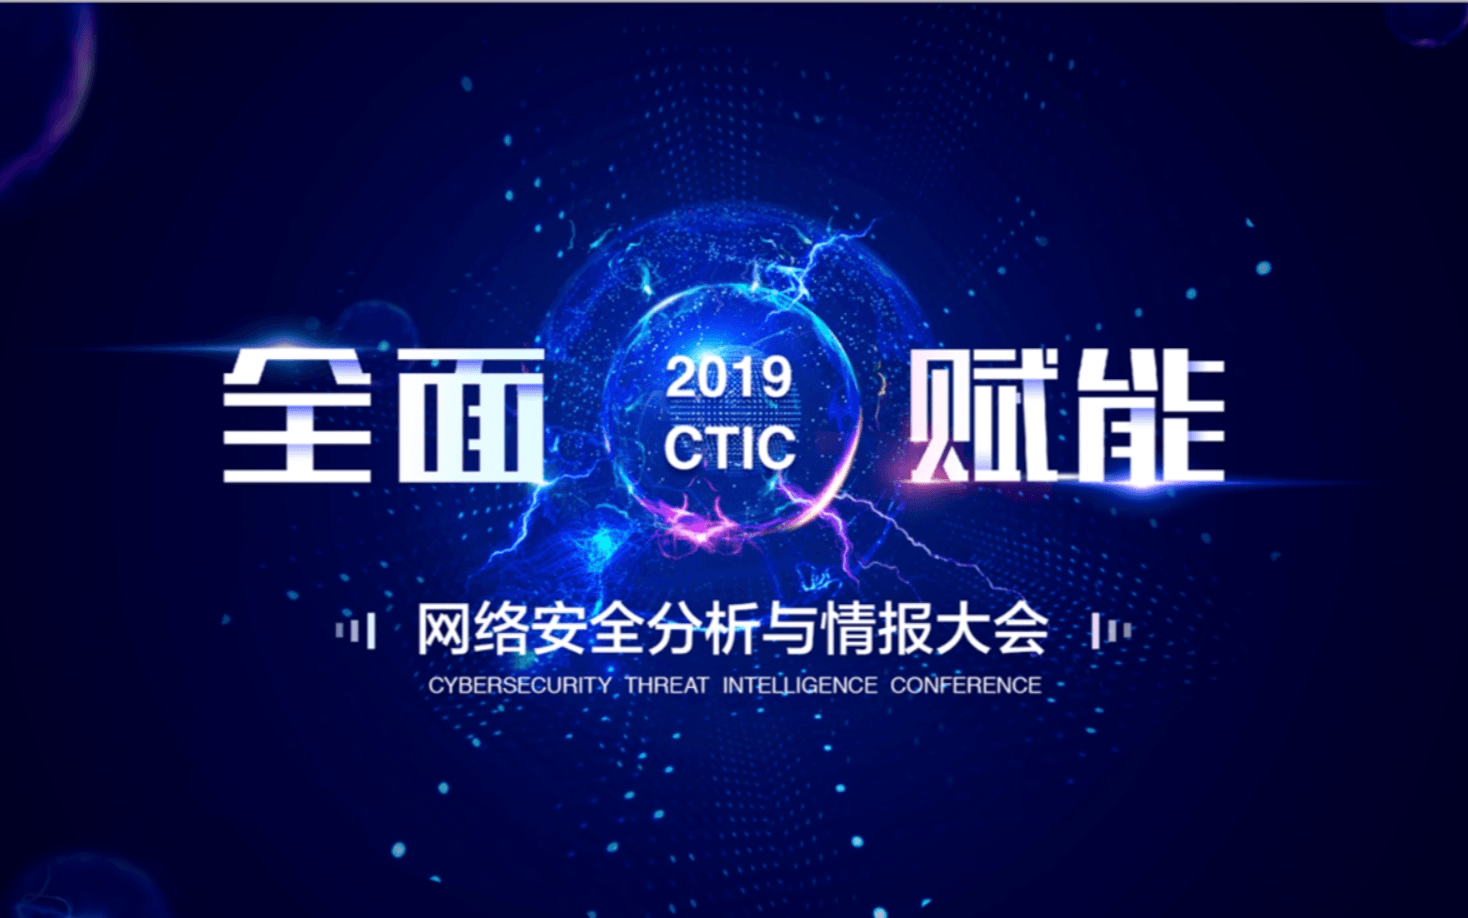 2019CTIC网络安全分析与情报大会(北京)